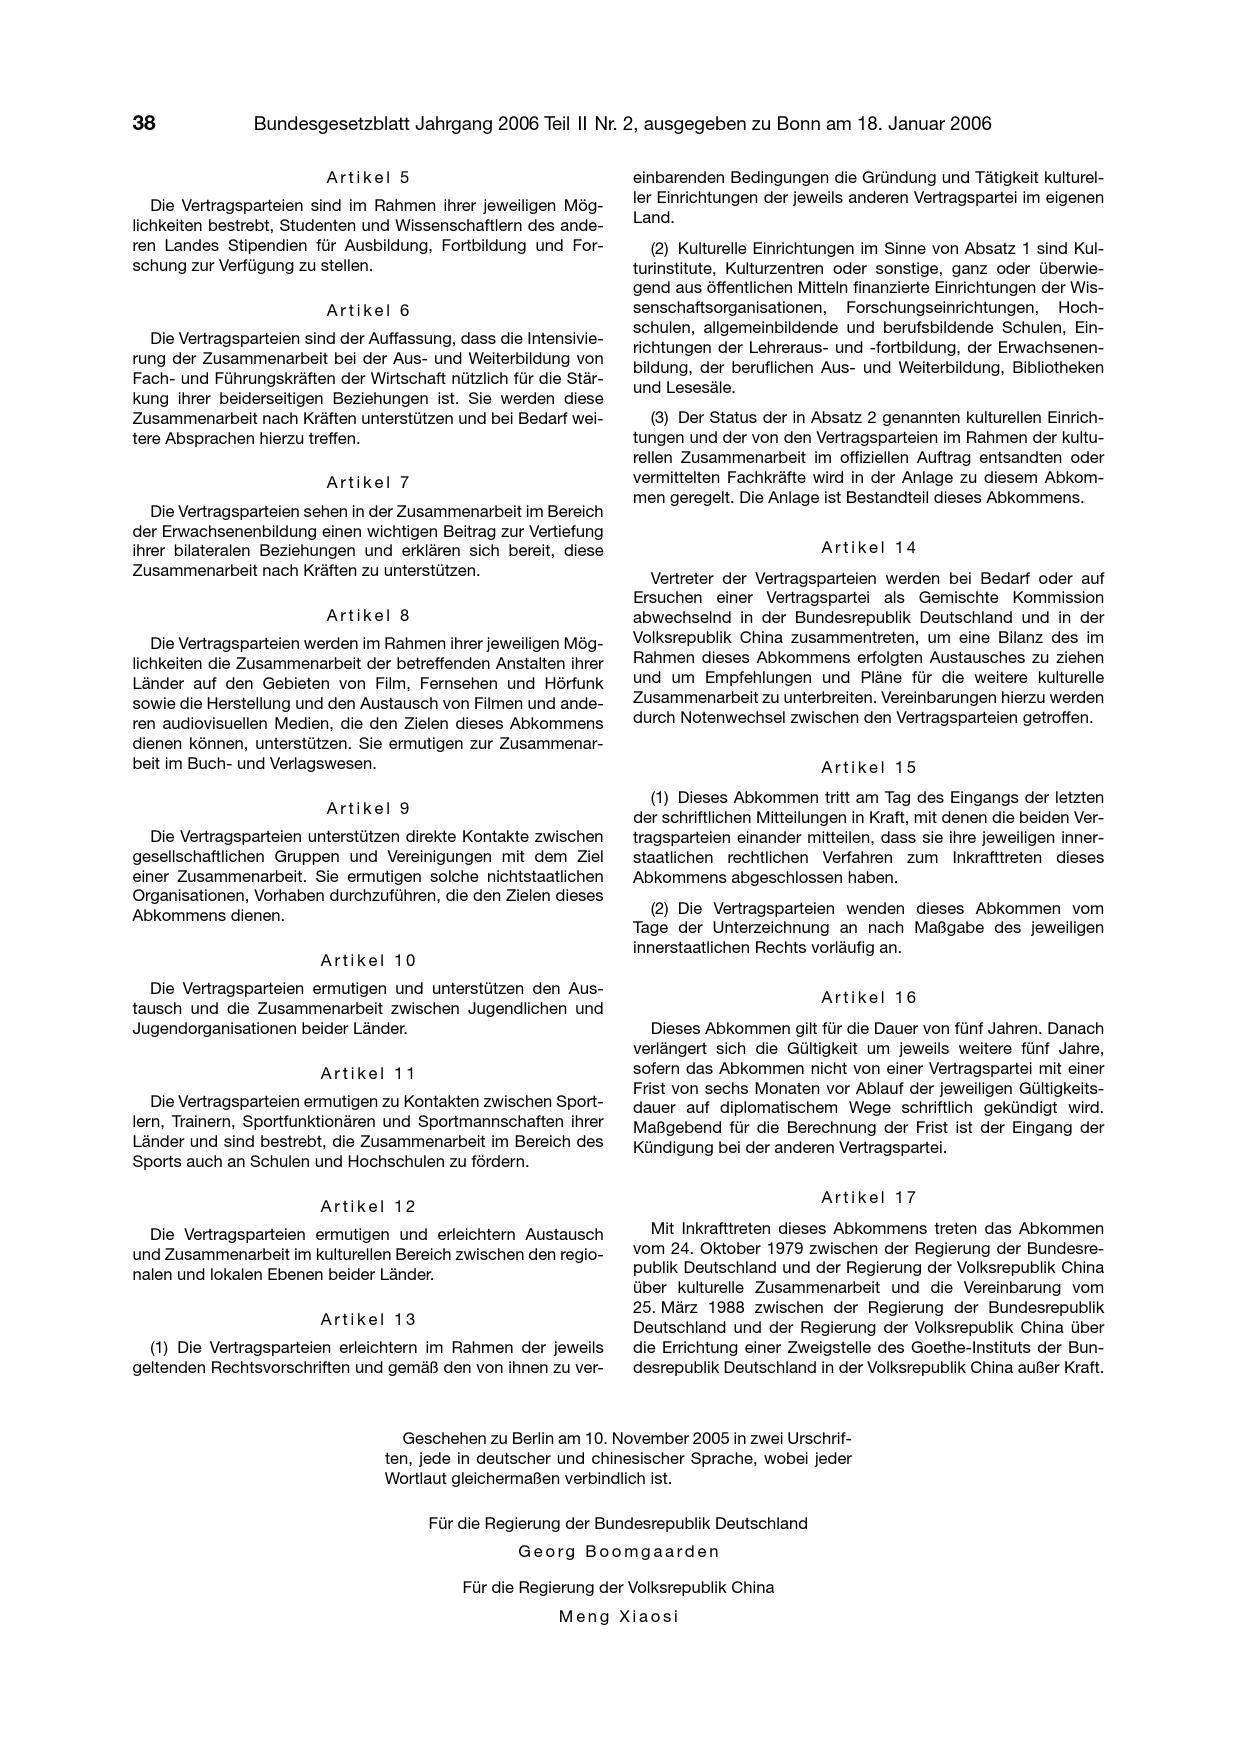 Großzügig 16 Von 16 Bildrahmen Ideen - Benutzerdefinierte ...